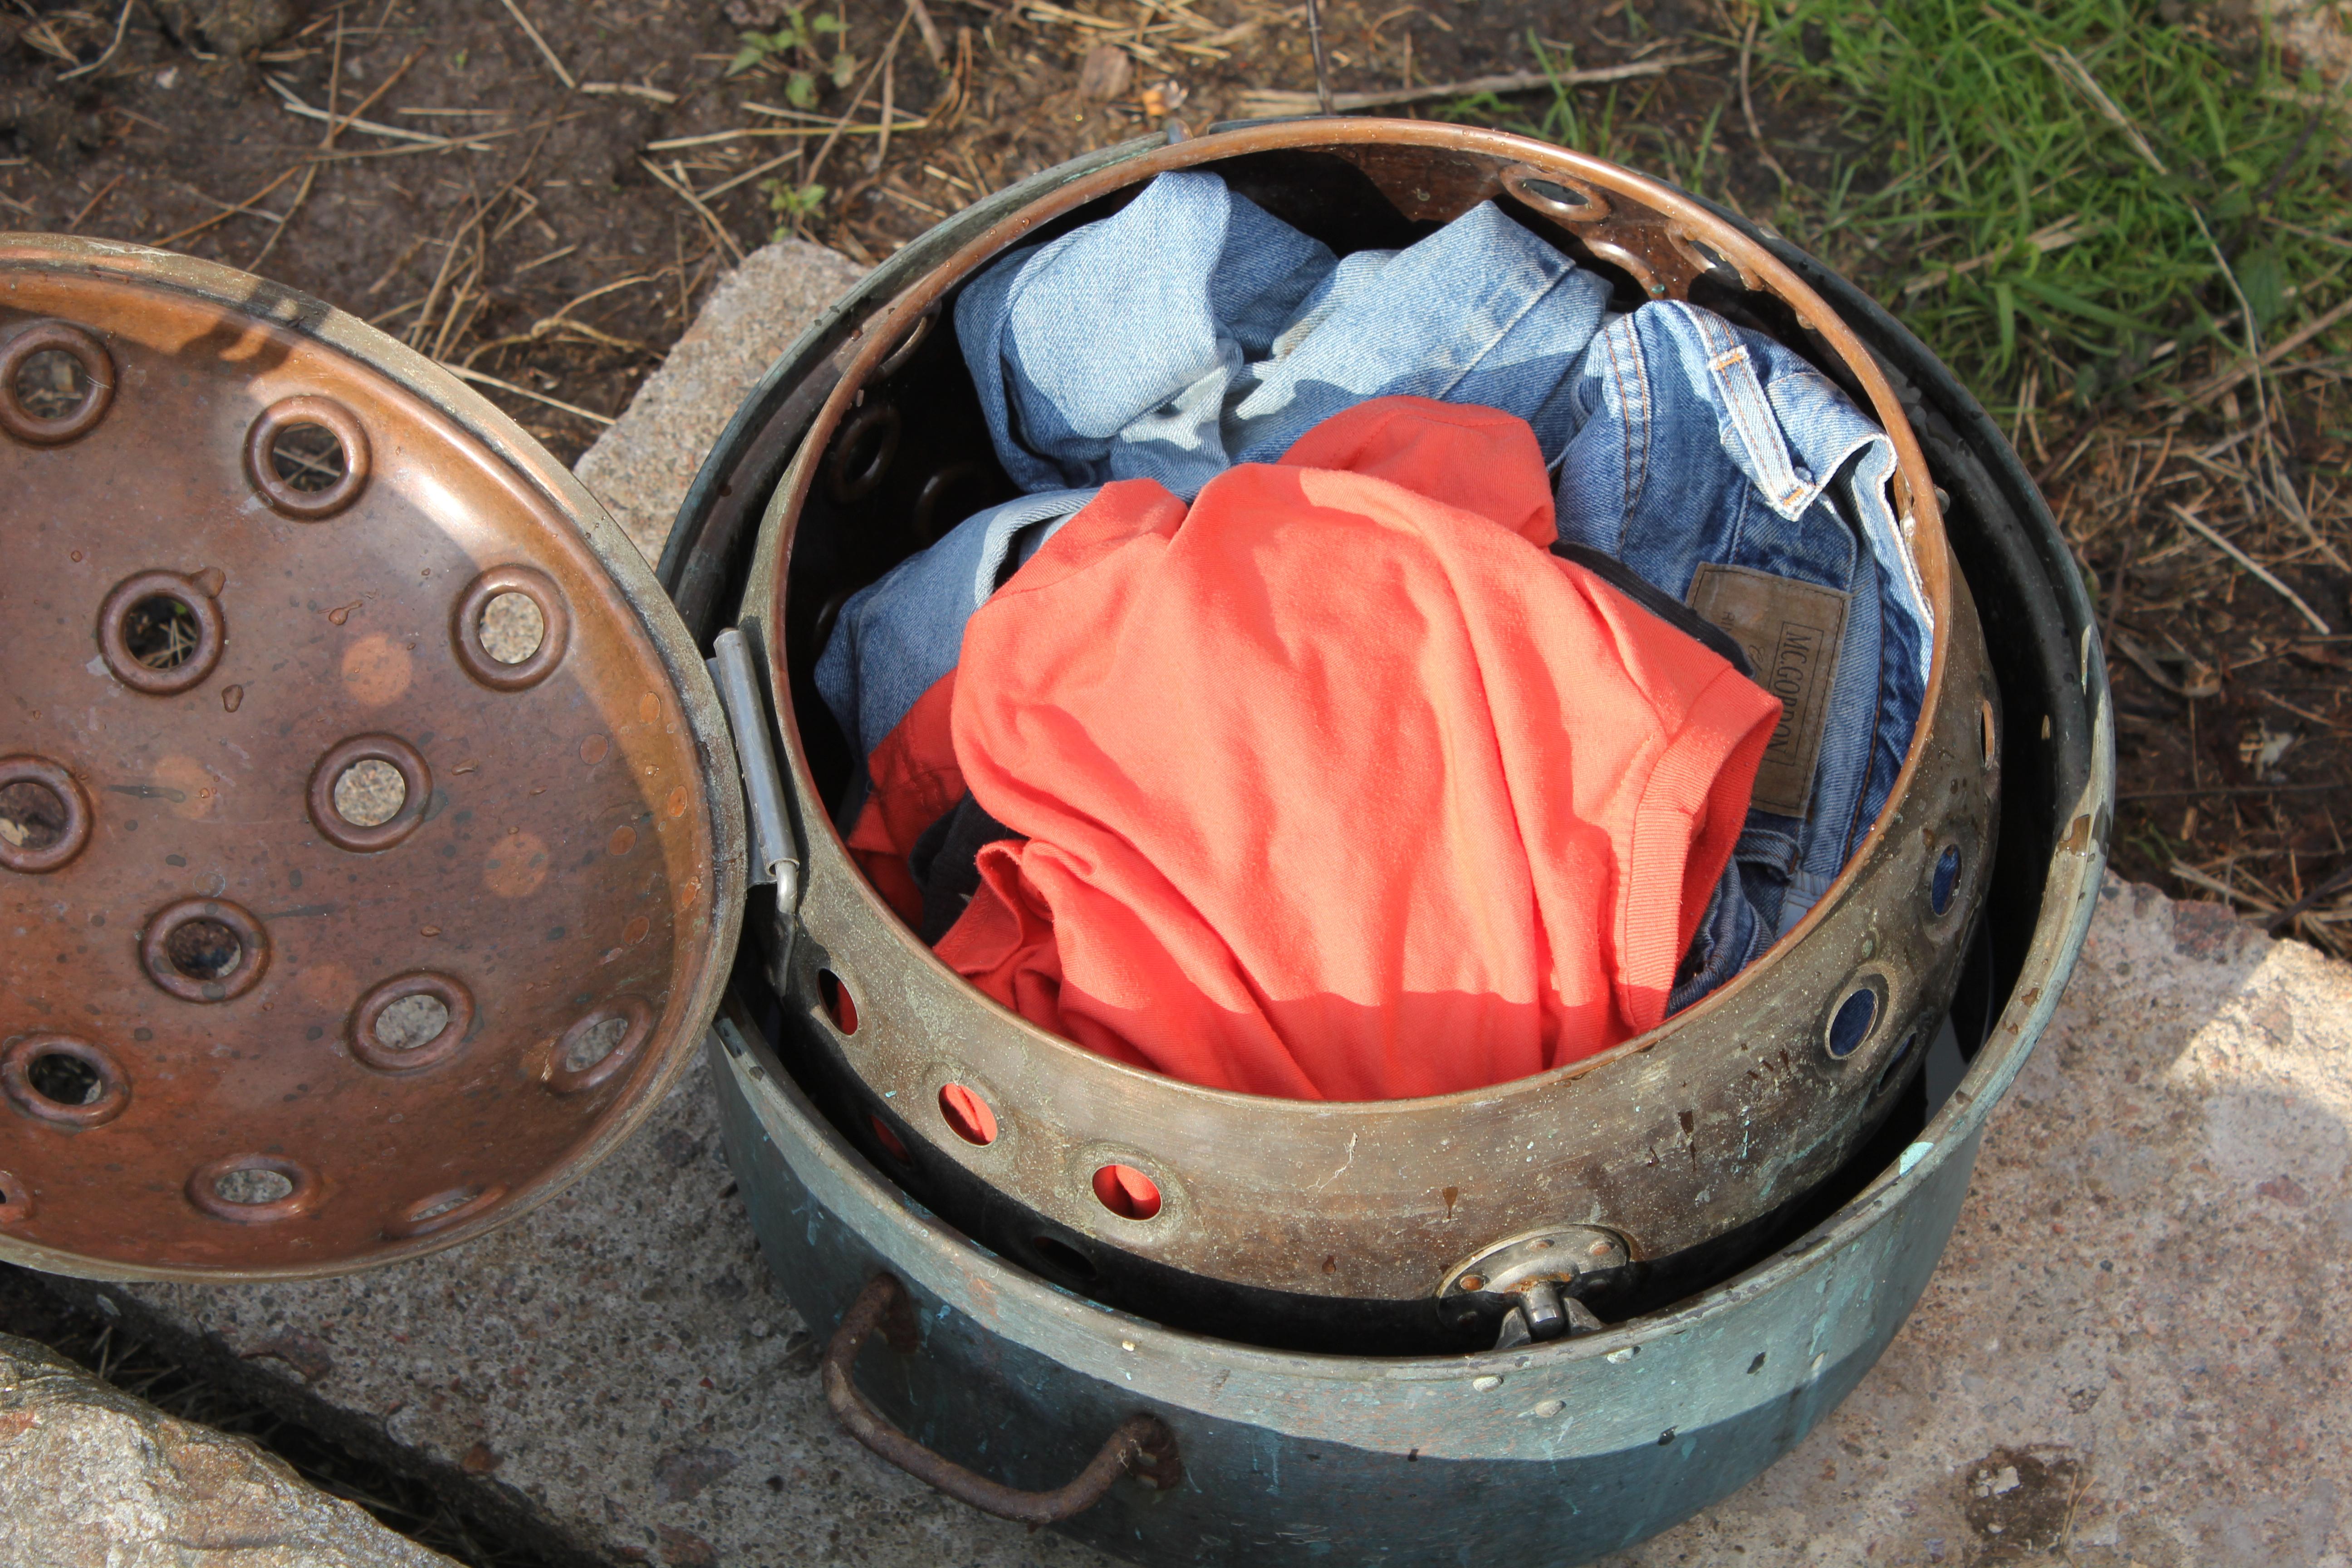 Fylt med skittentøy